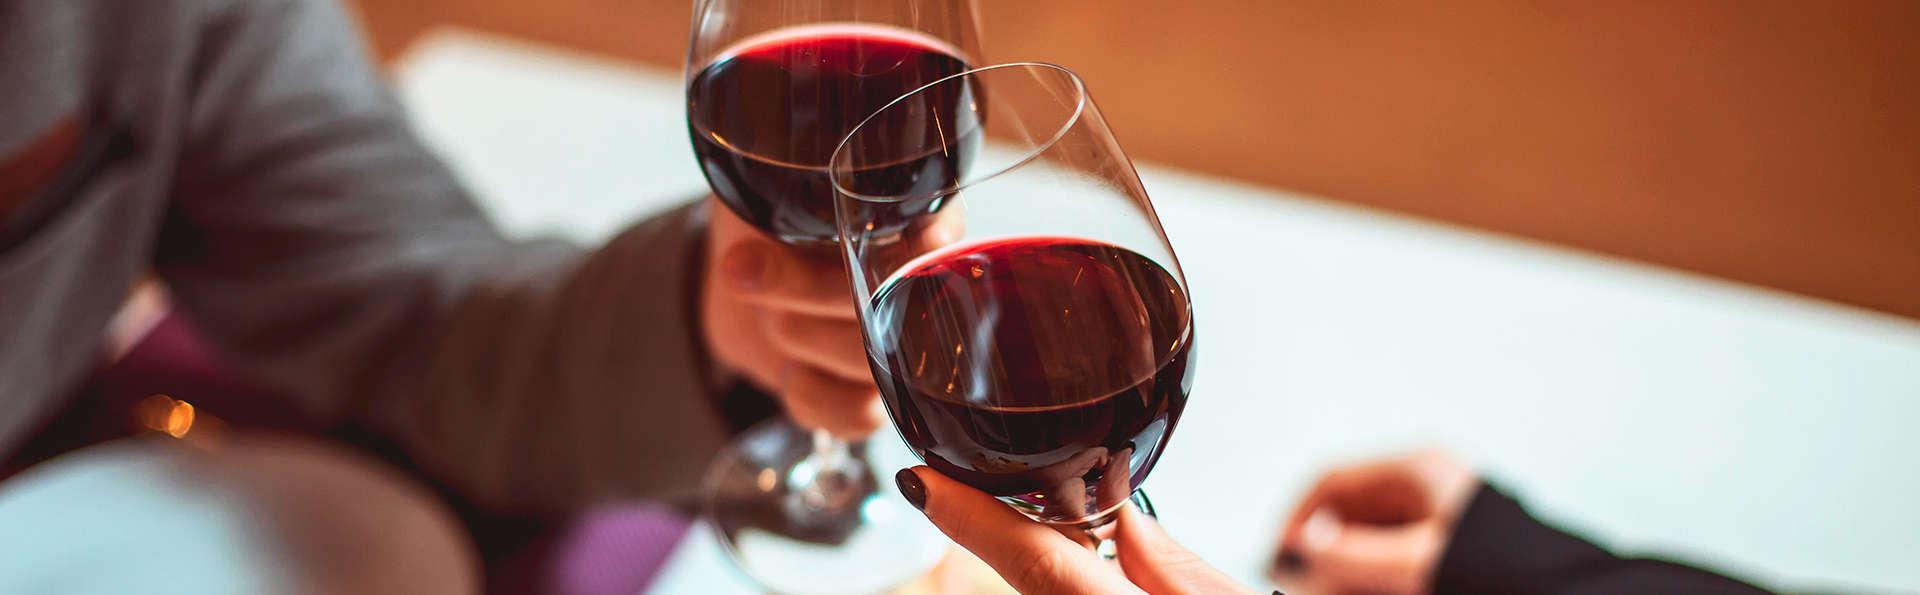 Découvrez le vin des vignobles de Can Picó, à Pelacalç, Gérone